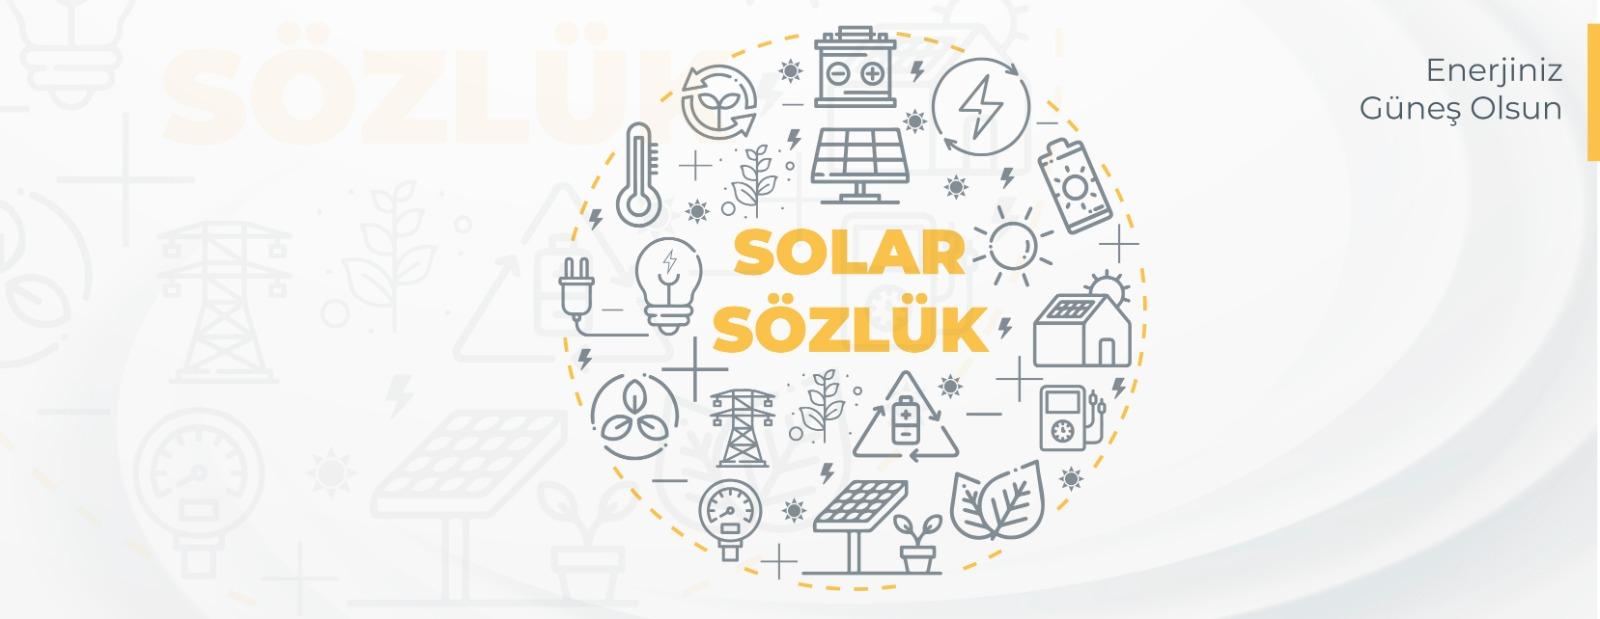 Solar Sözlük - YEO